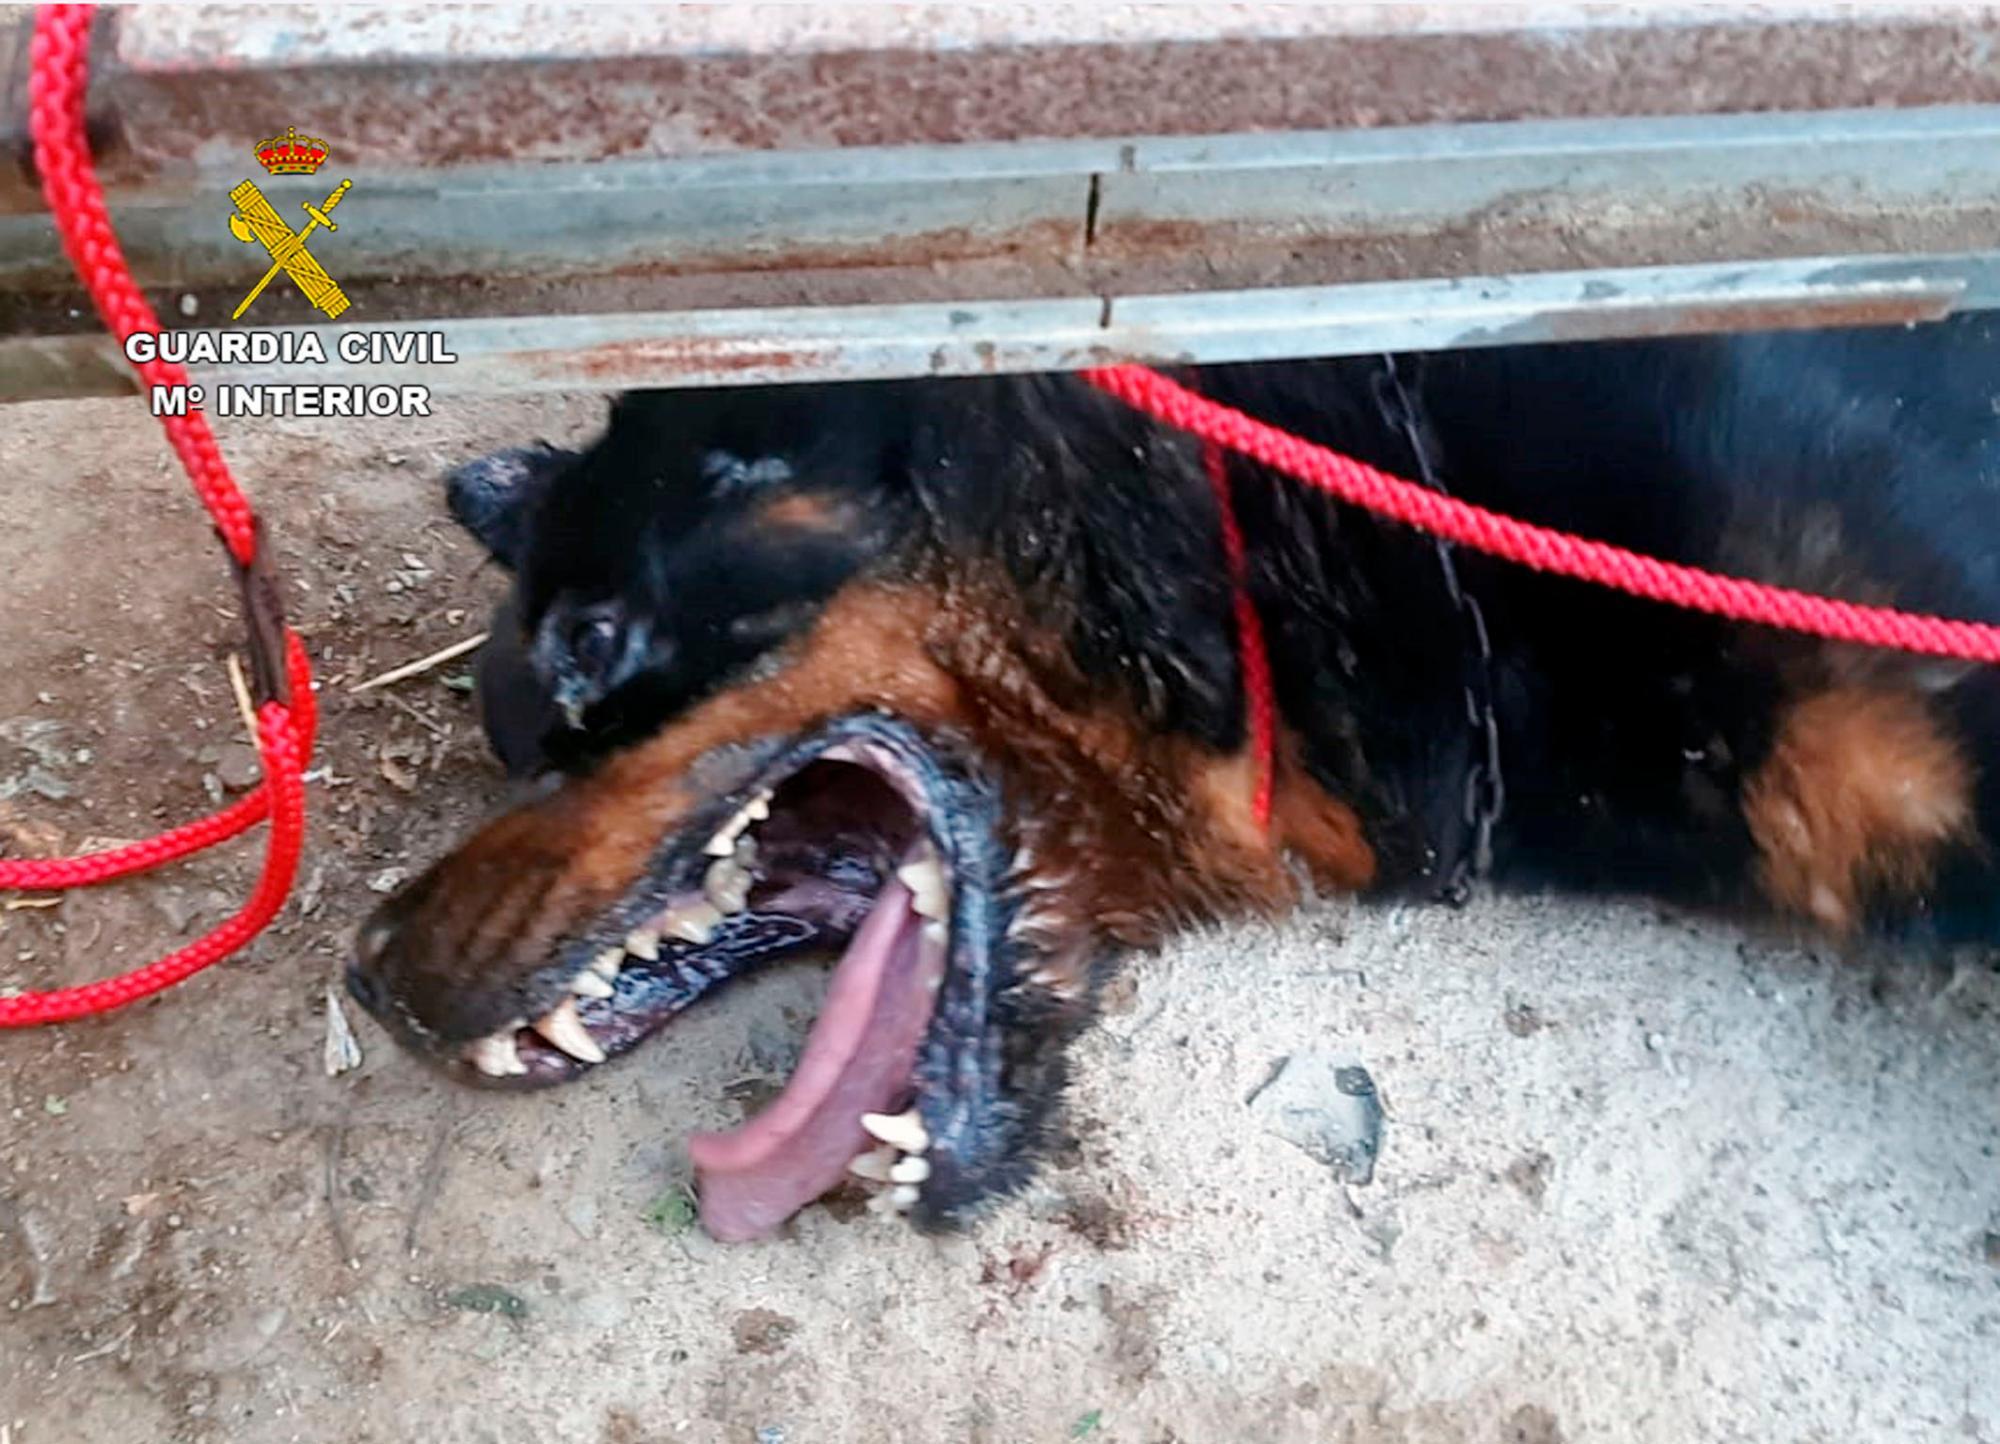 Un menor realizará servicios sociales durante cuatro meses por abandonar a su perro en Granada